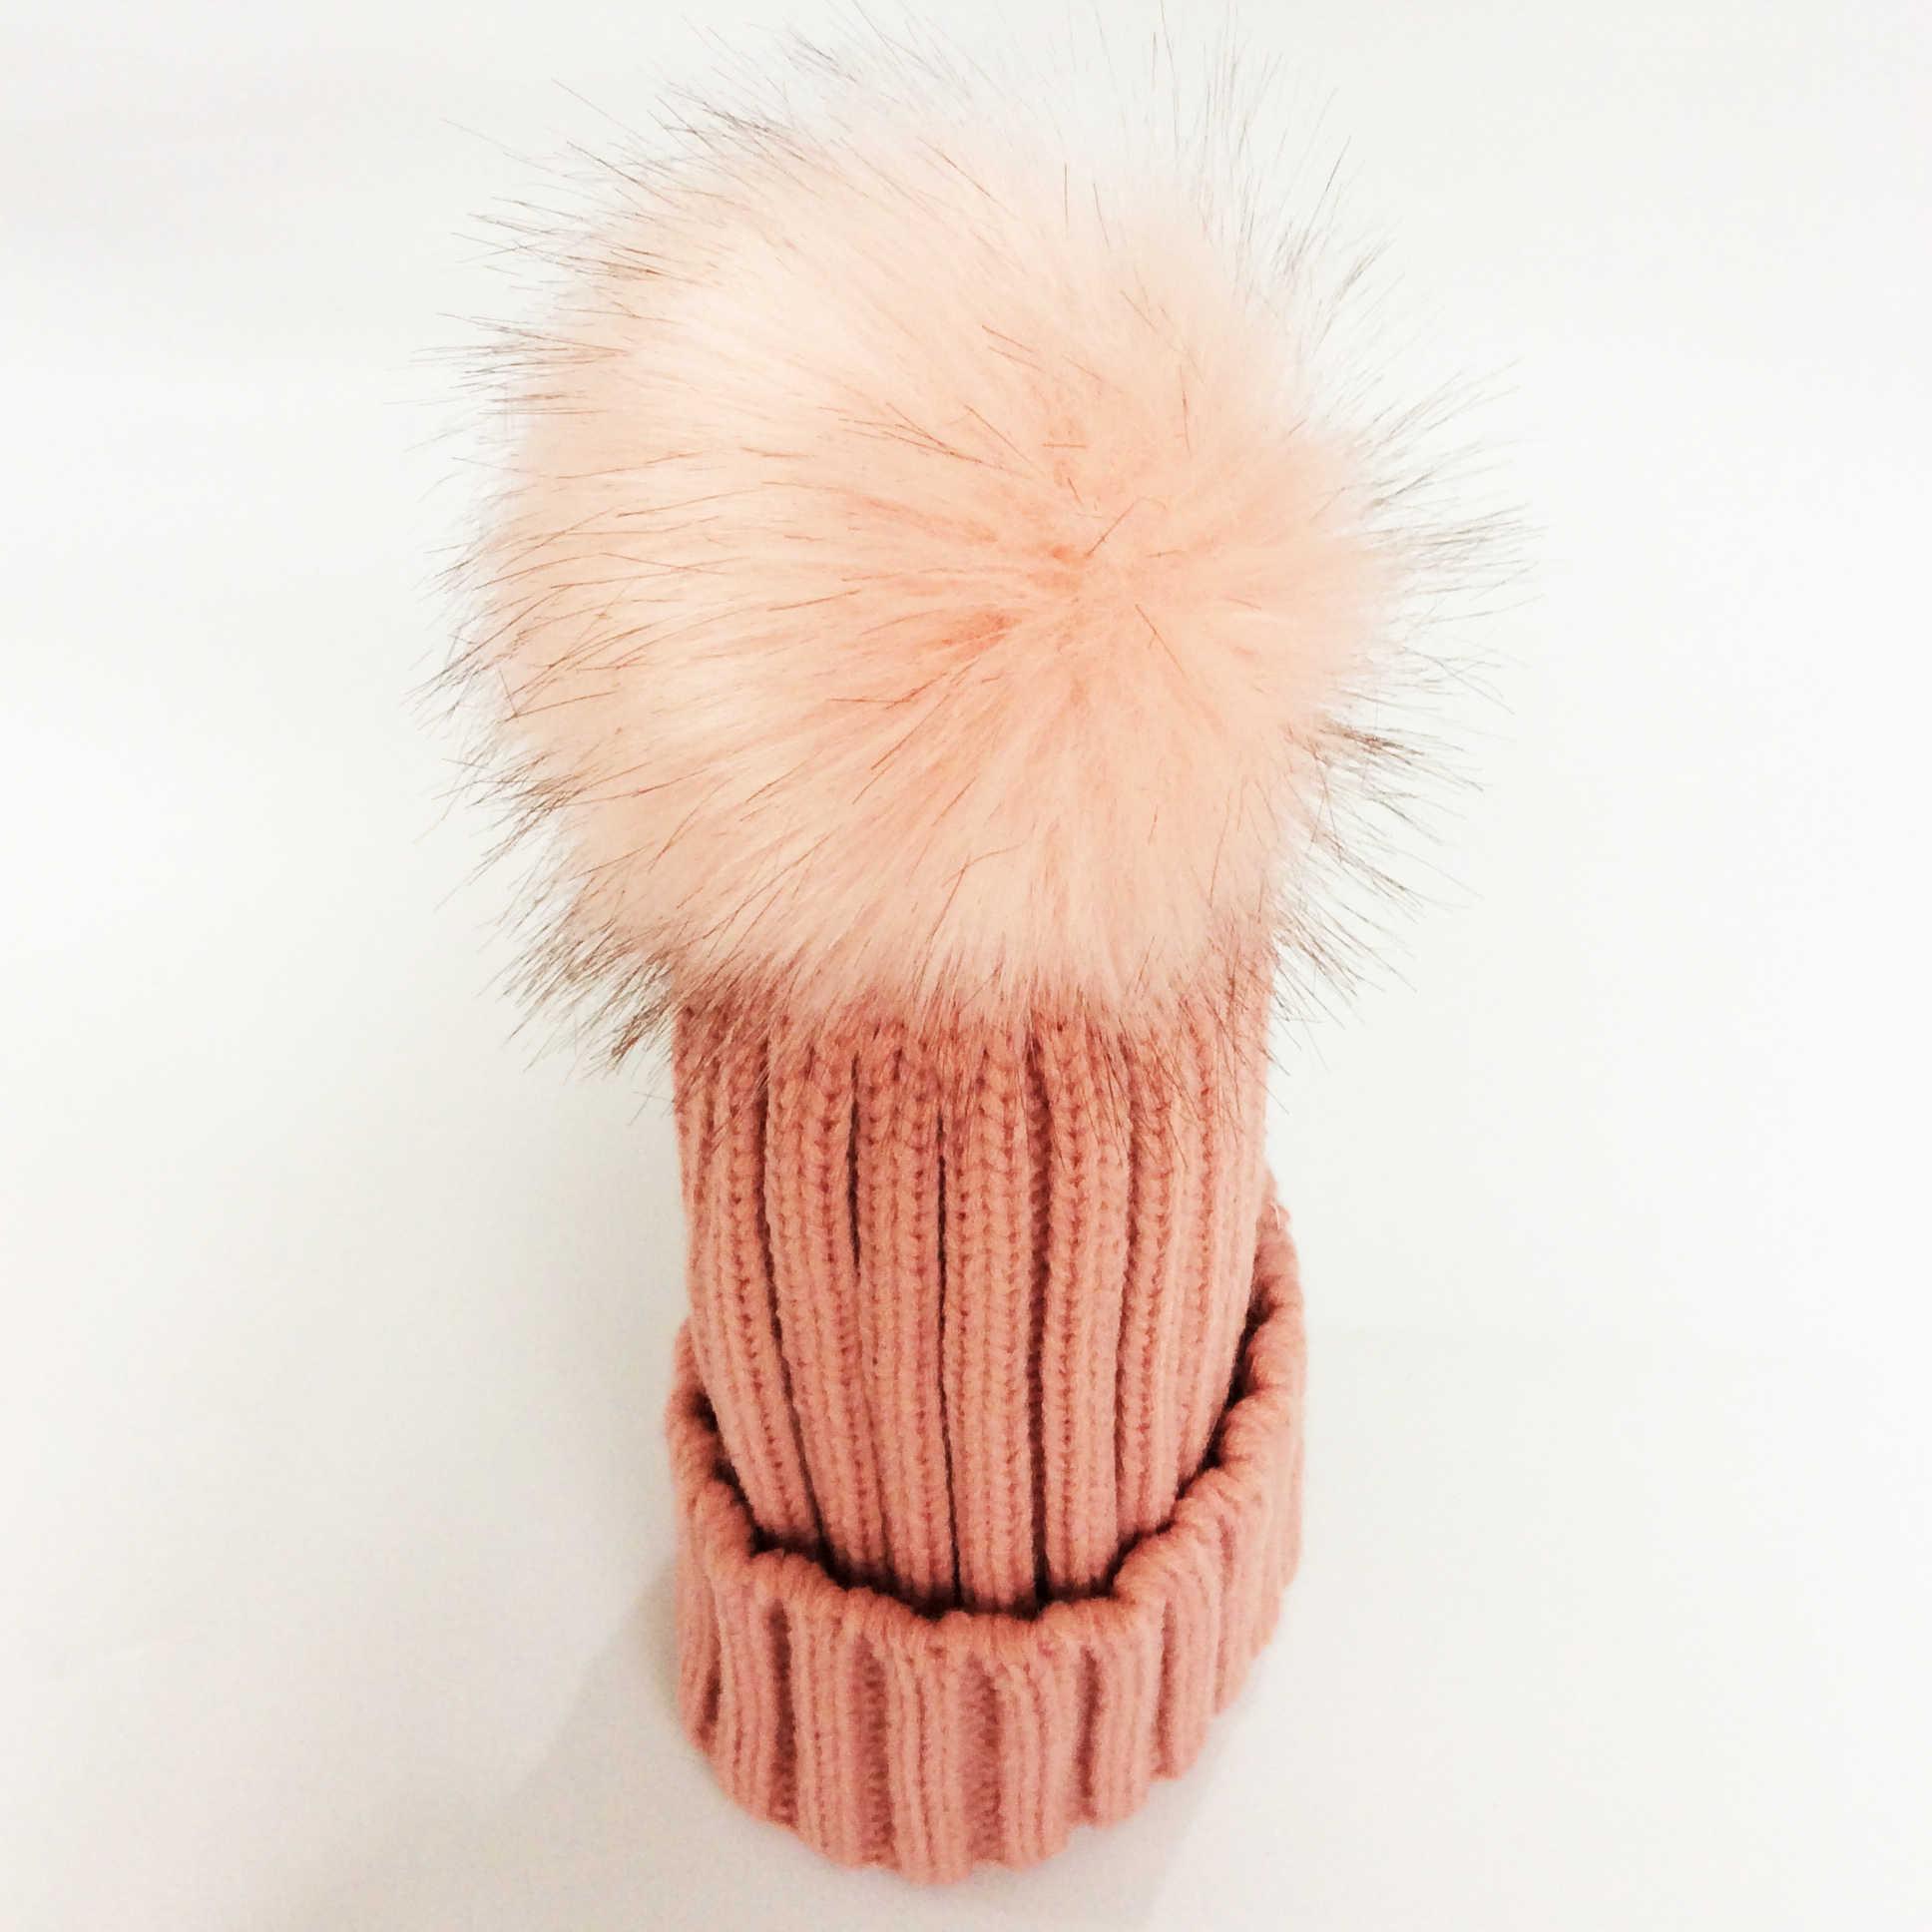 เด็กหมวกฤดูหนาวF Auxขนหมวกสำหรับสาวโครเชต์หมวกเด็กหมวกปลอมแรคคูนผมเด็กหมวก